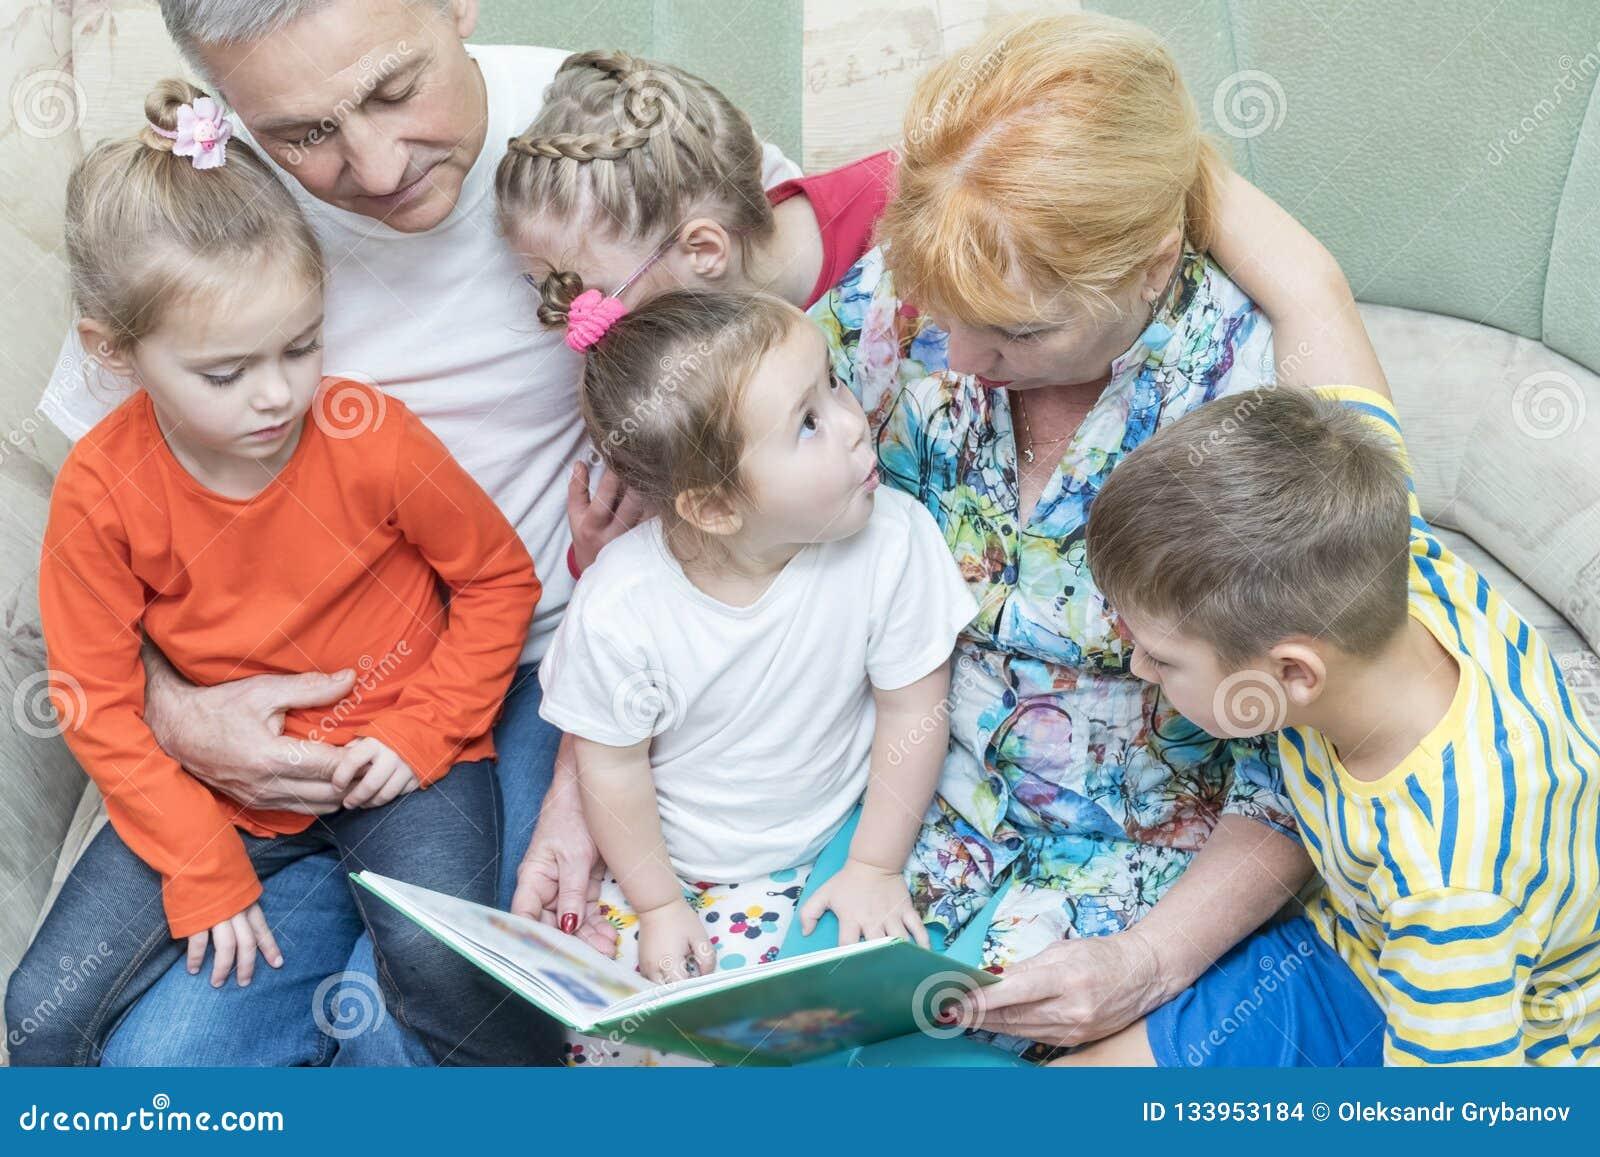 Οι παππούδες και γιαγιάδες διδάσκουν τα εγγόνια για να διαβάσουν